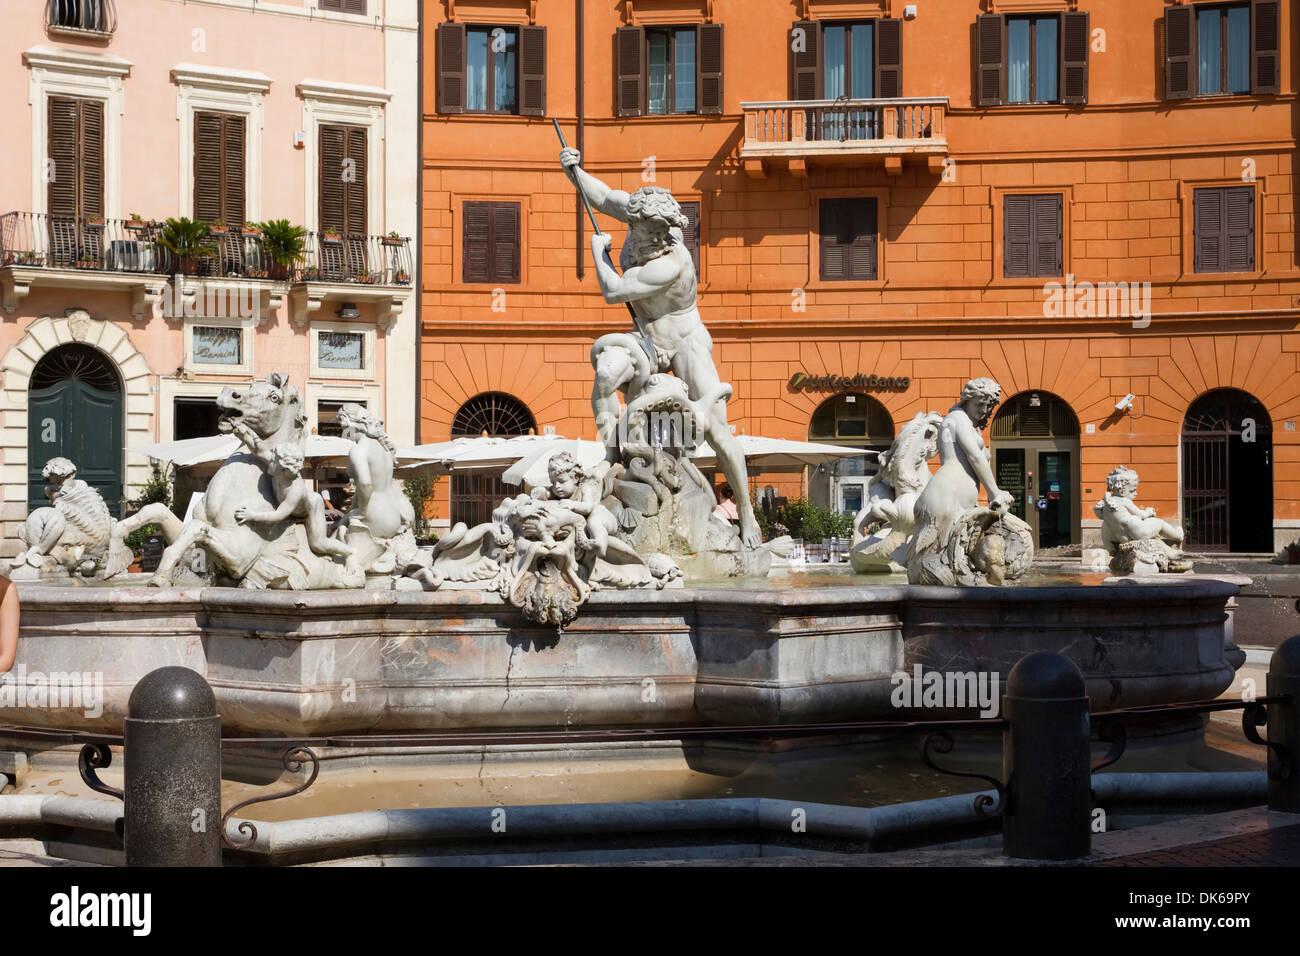 Fontana del Nettuno (Fountain of Neptune) in Piazza Novona, Rome, Lazio, Italy. - Stock Image